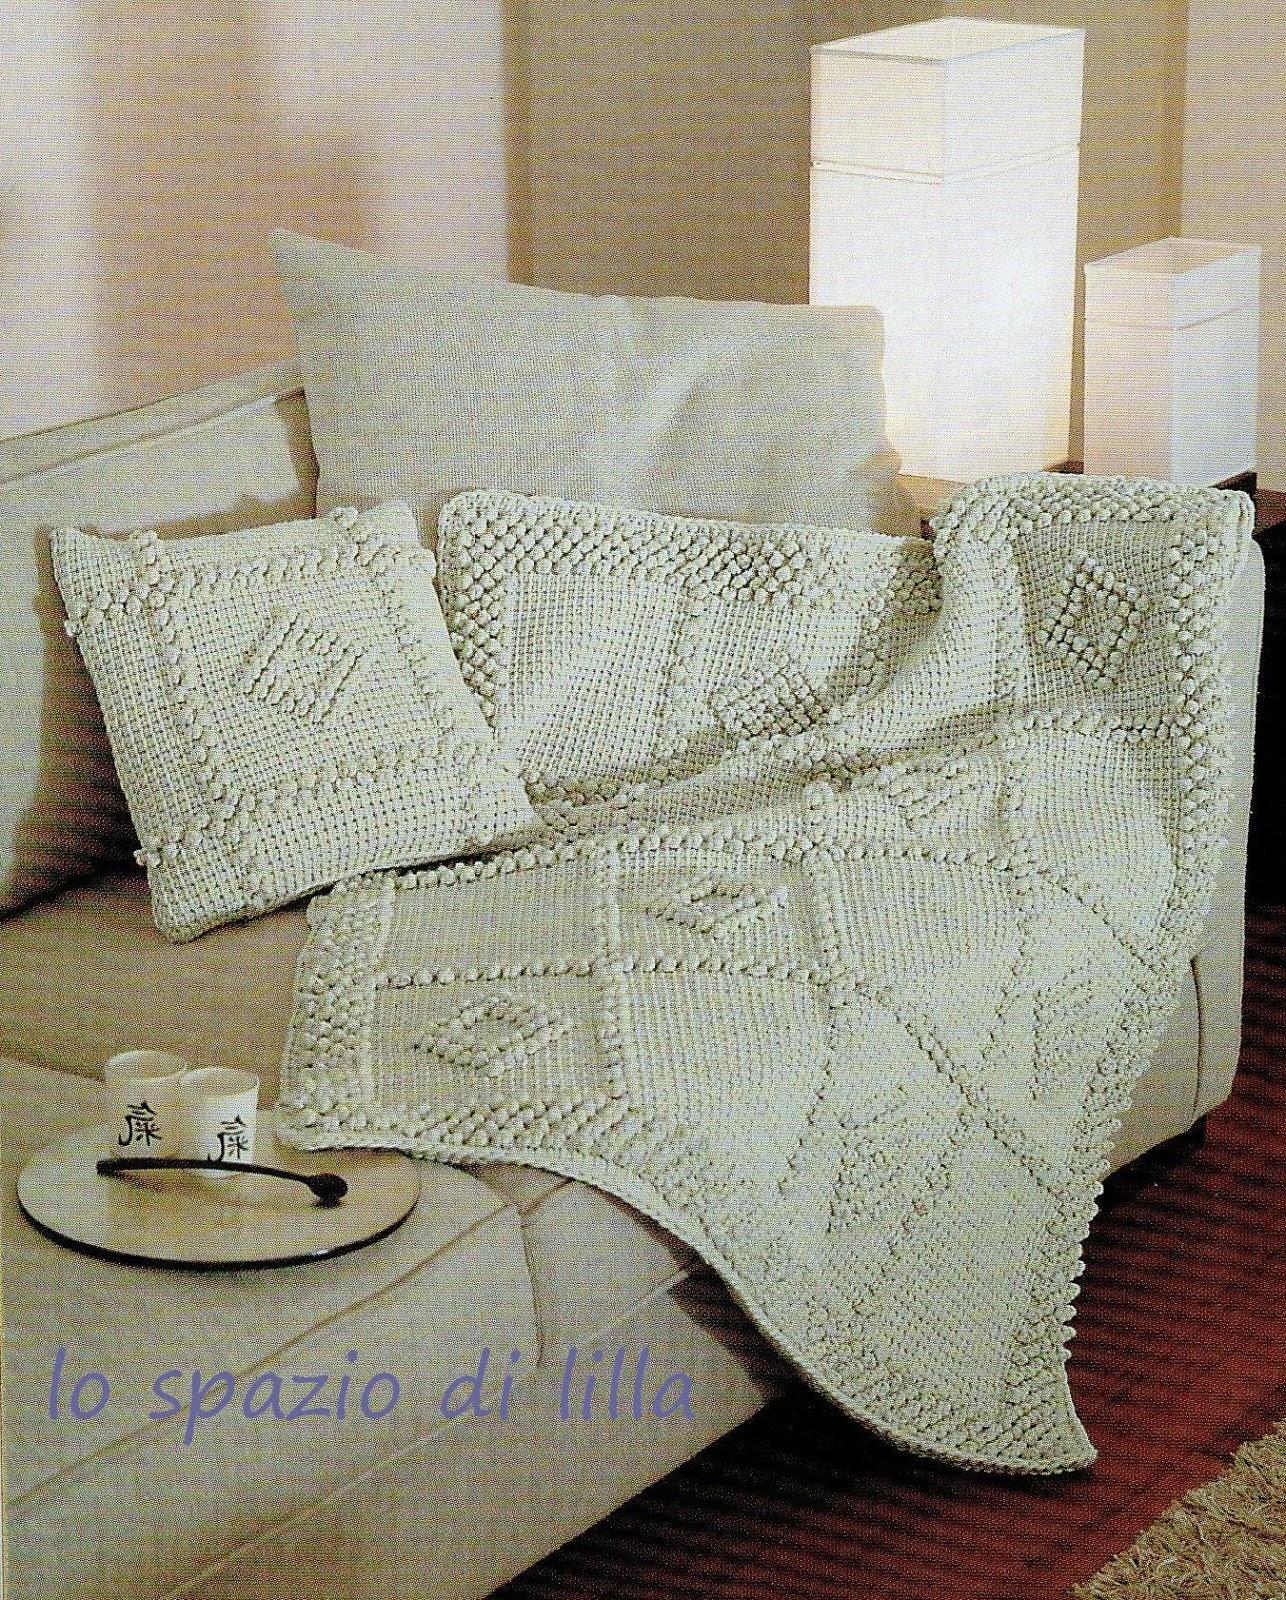 Favorito lo spazio di lilla: Uncinetto tunisino: il cuscino ed il plaid con  TH15